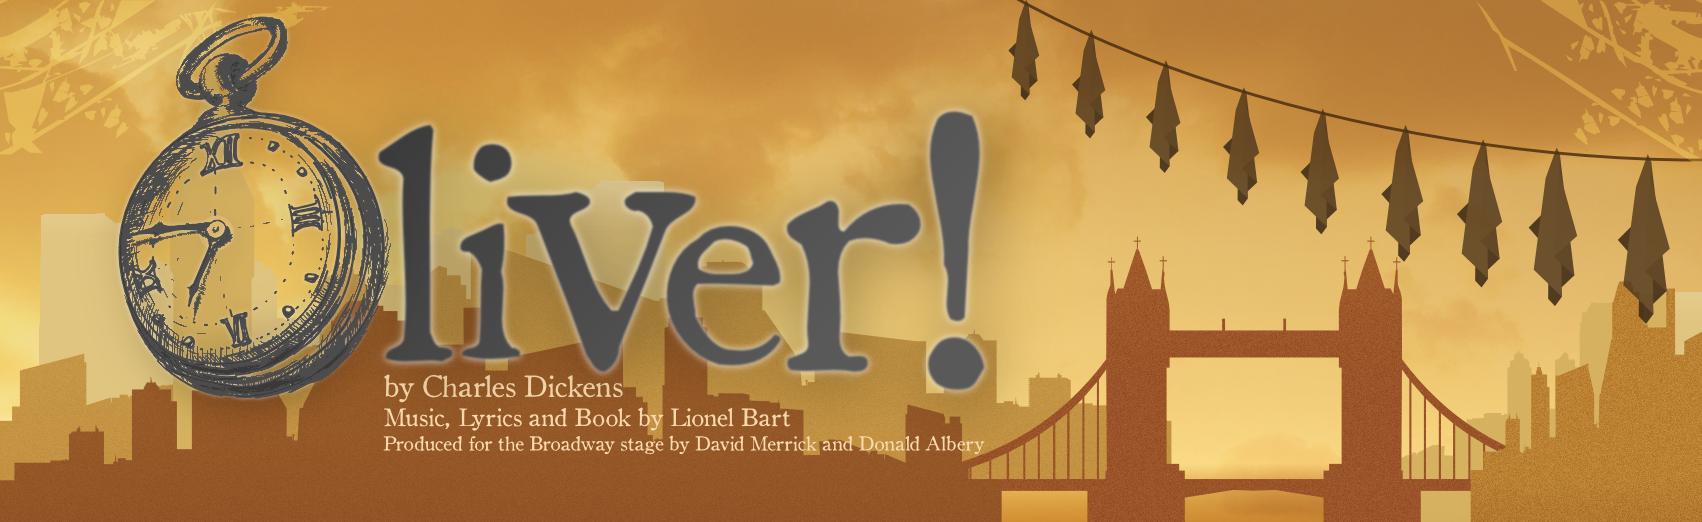 Oliver! show banner